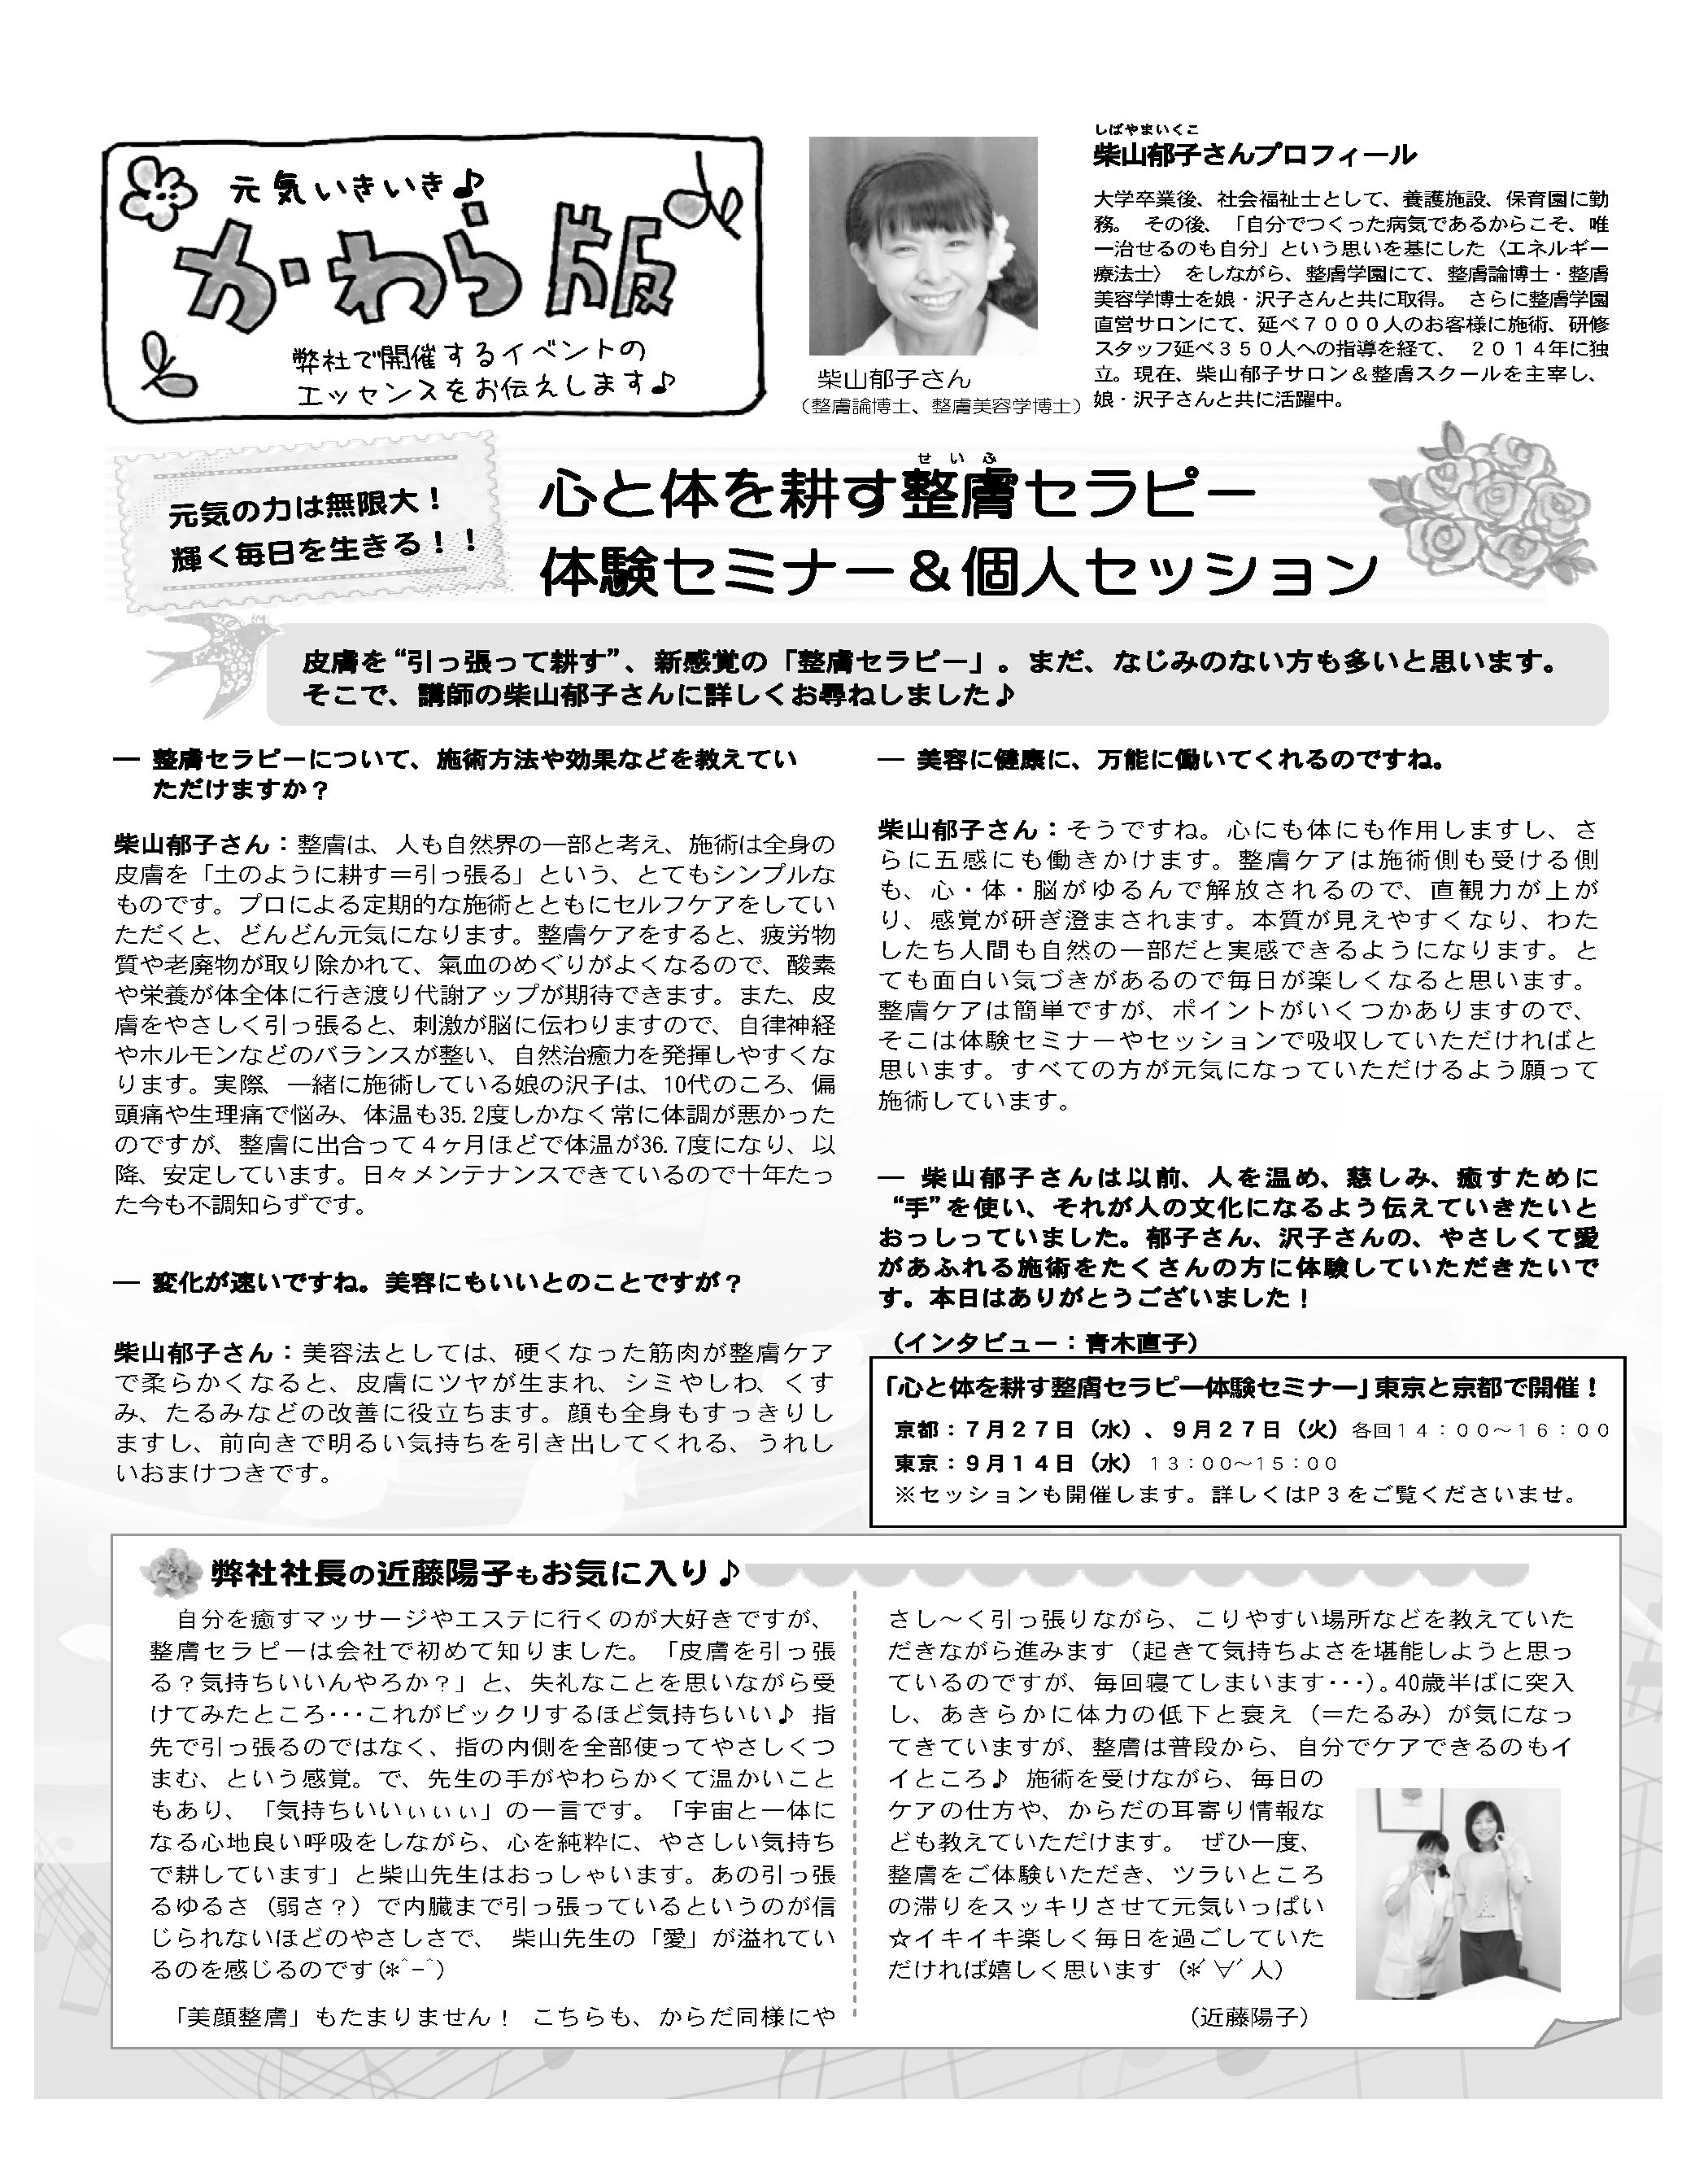 柴山様用かわら版8月号